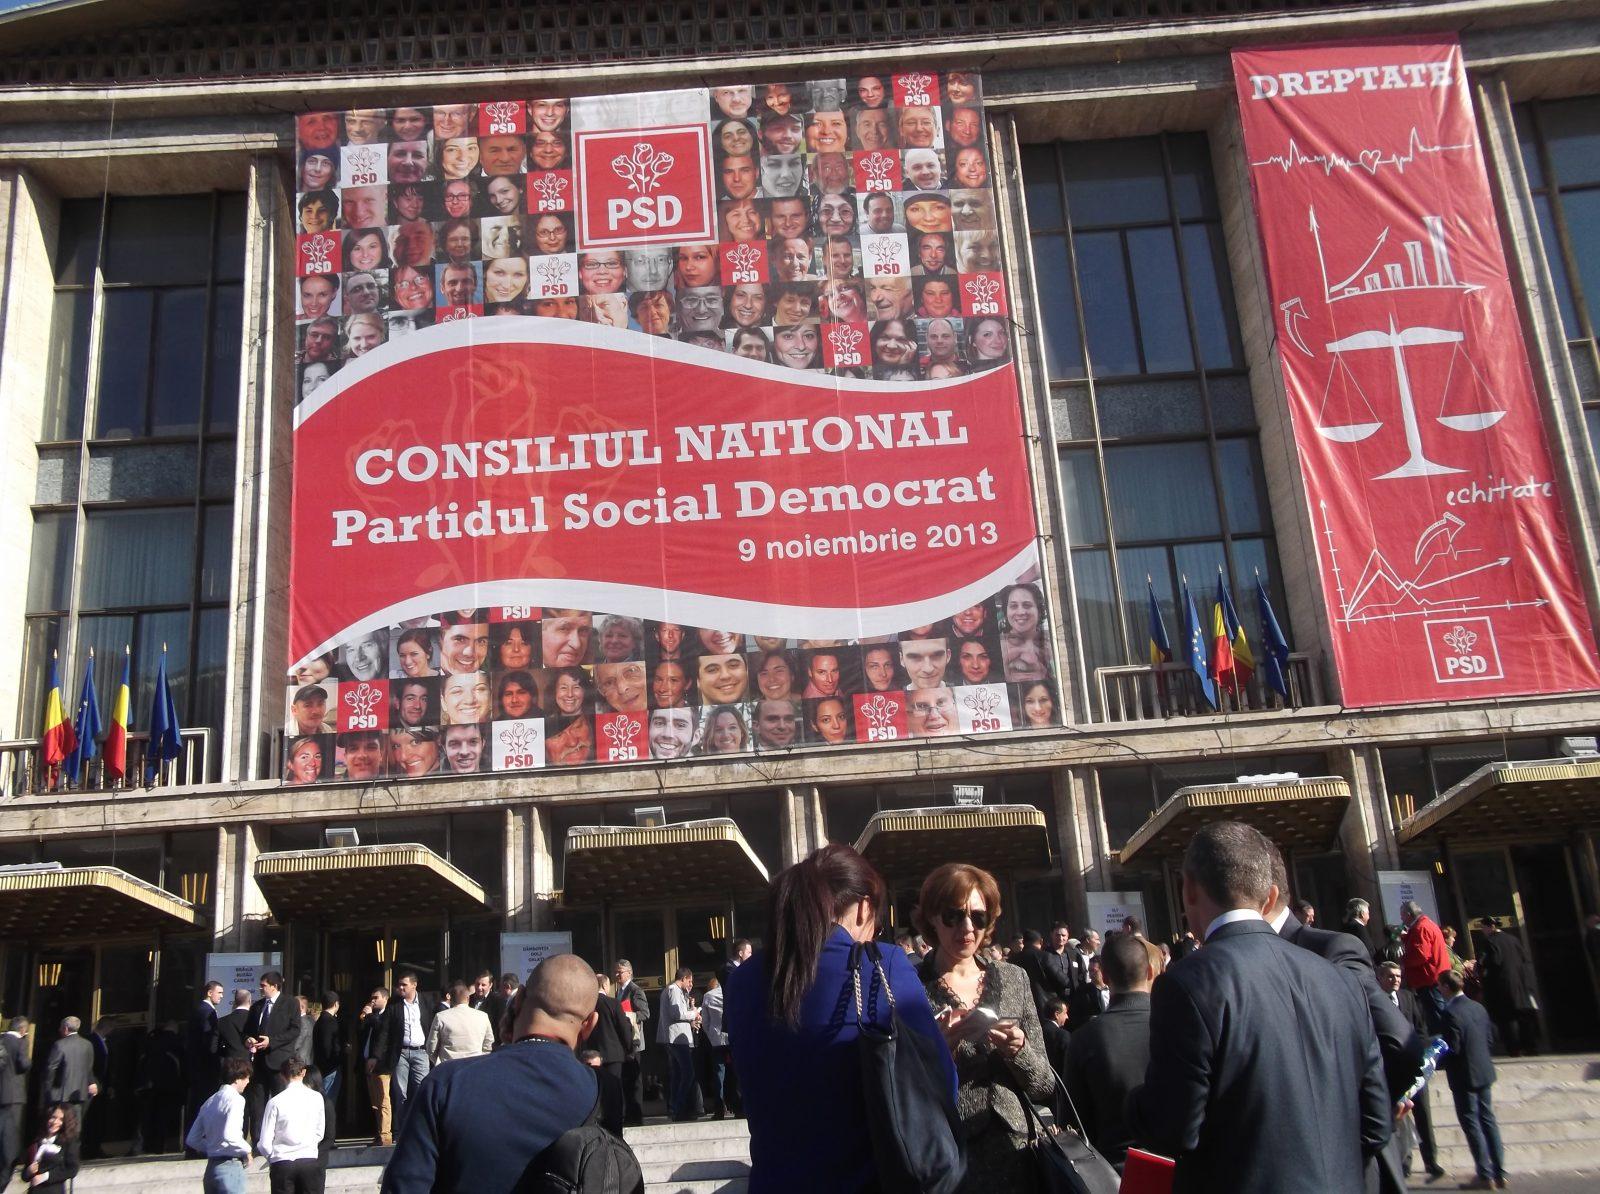 Consiliul National PSD 8-9 nov 2013